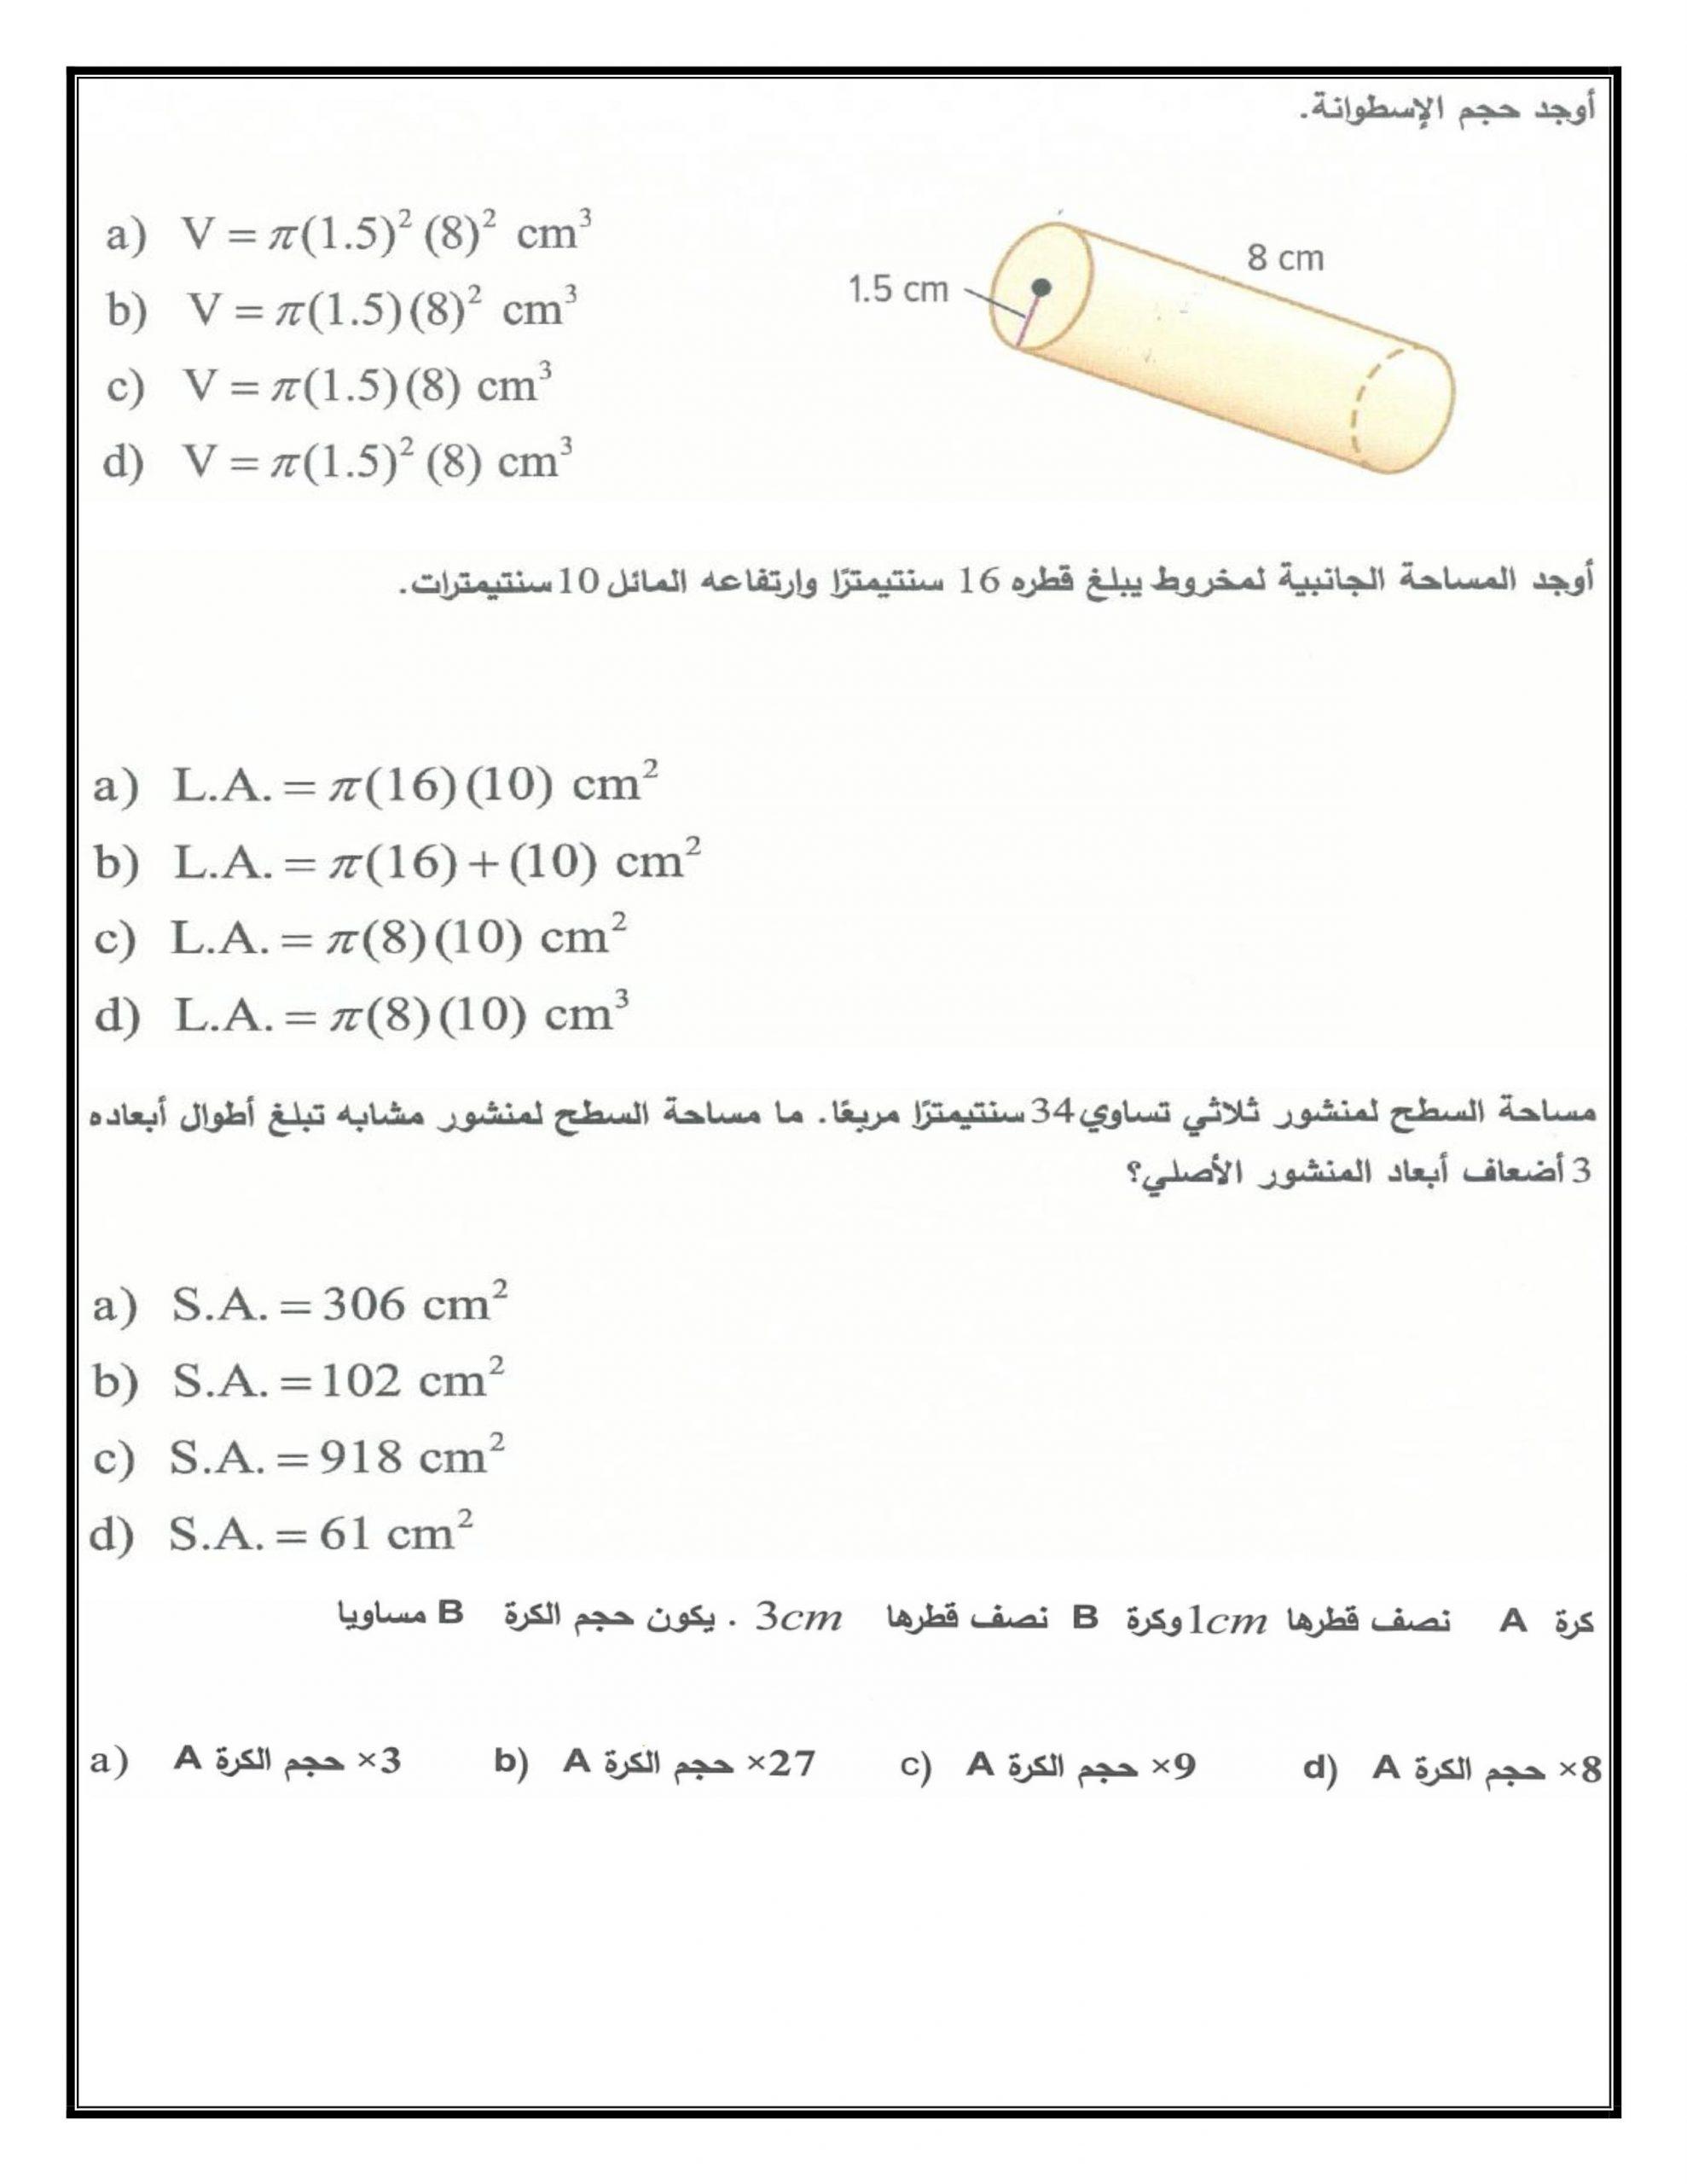 أوراق عمل مراجعة عامة الصف السابع مادة الرياضيات المتكاملة